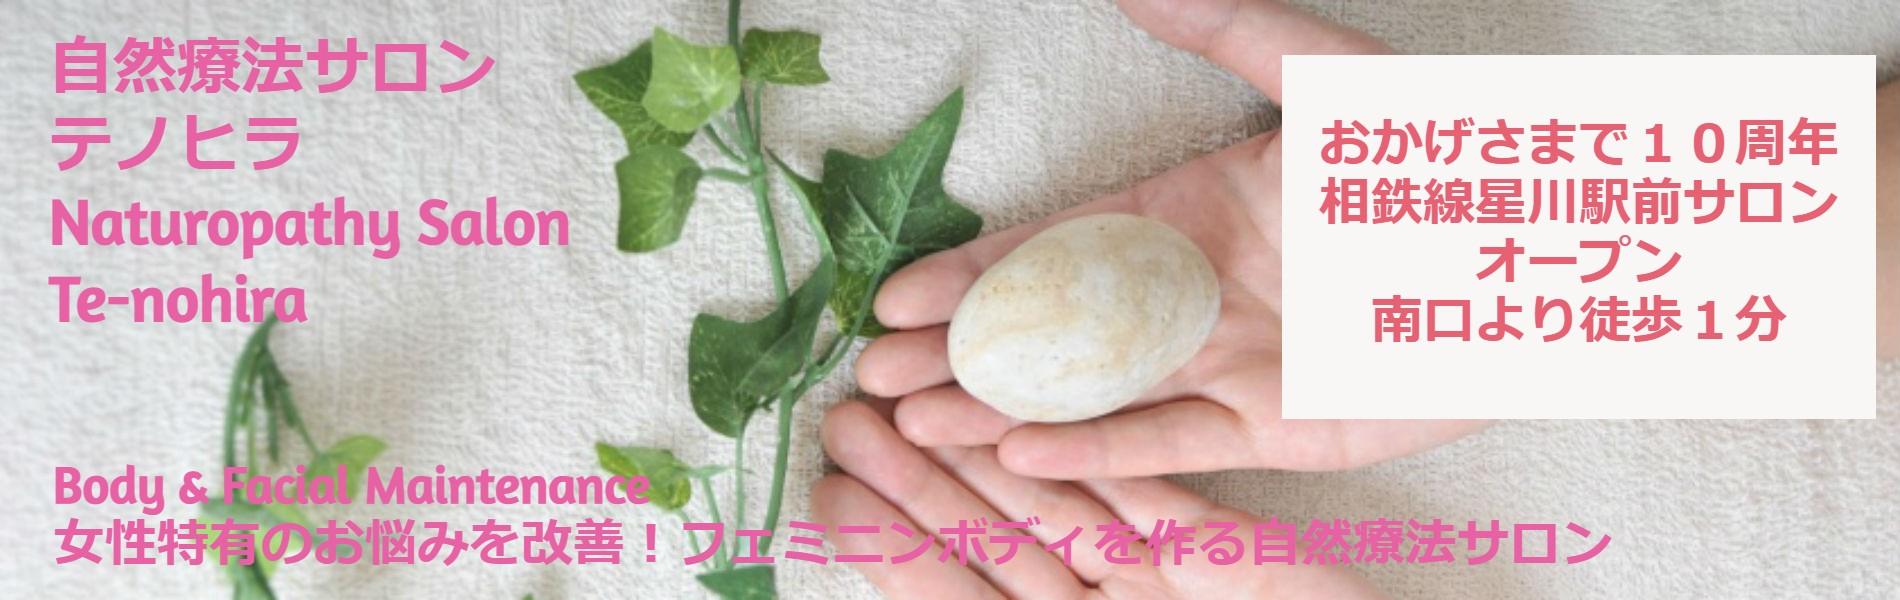 女性特有のお悩みを改善!美しく健やかなフェミニンボディを作る自然療法サロン